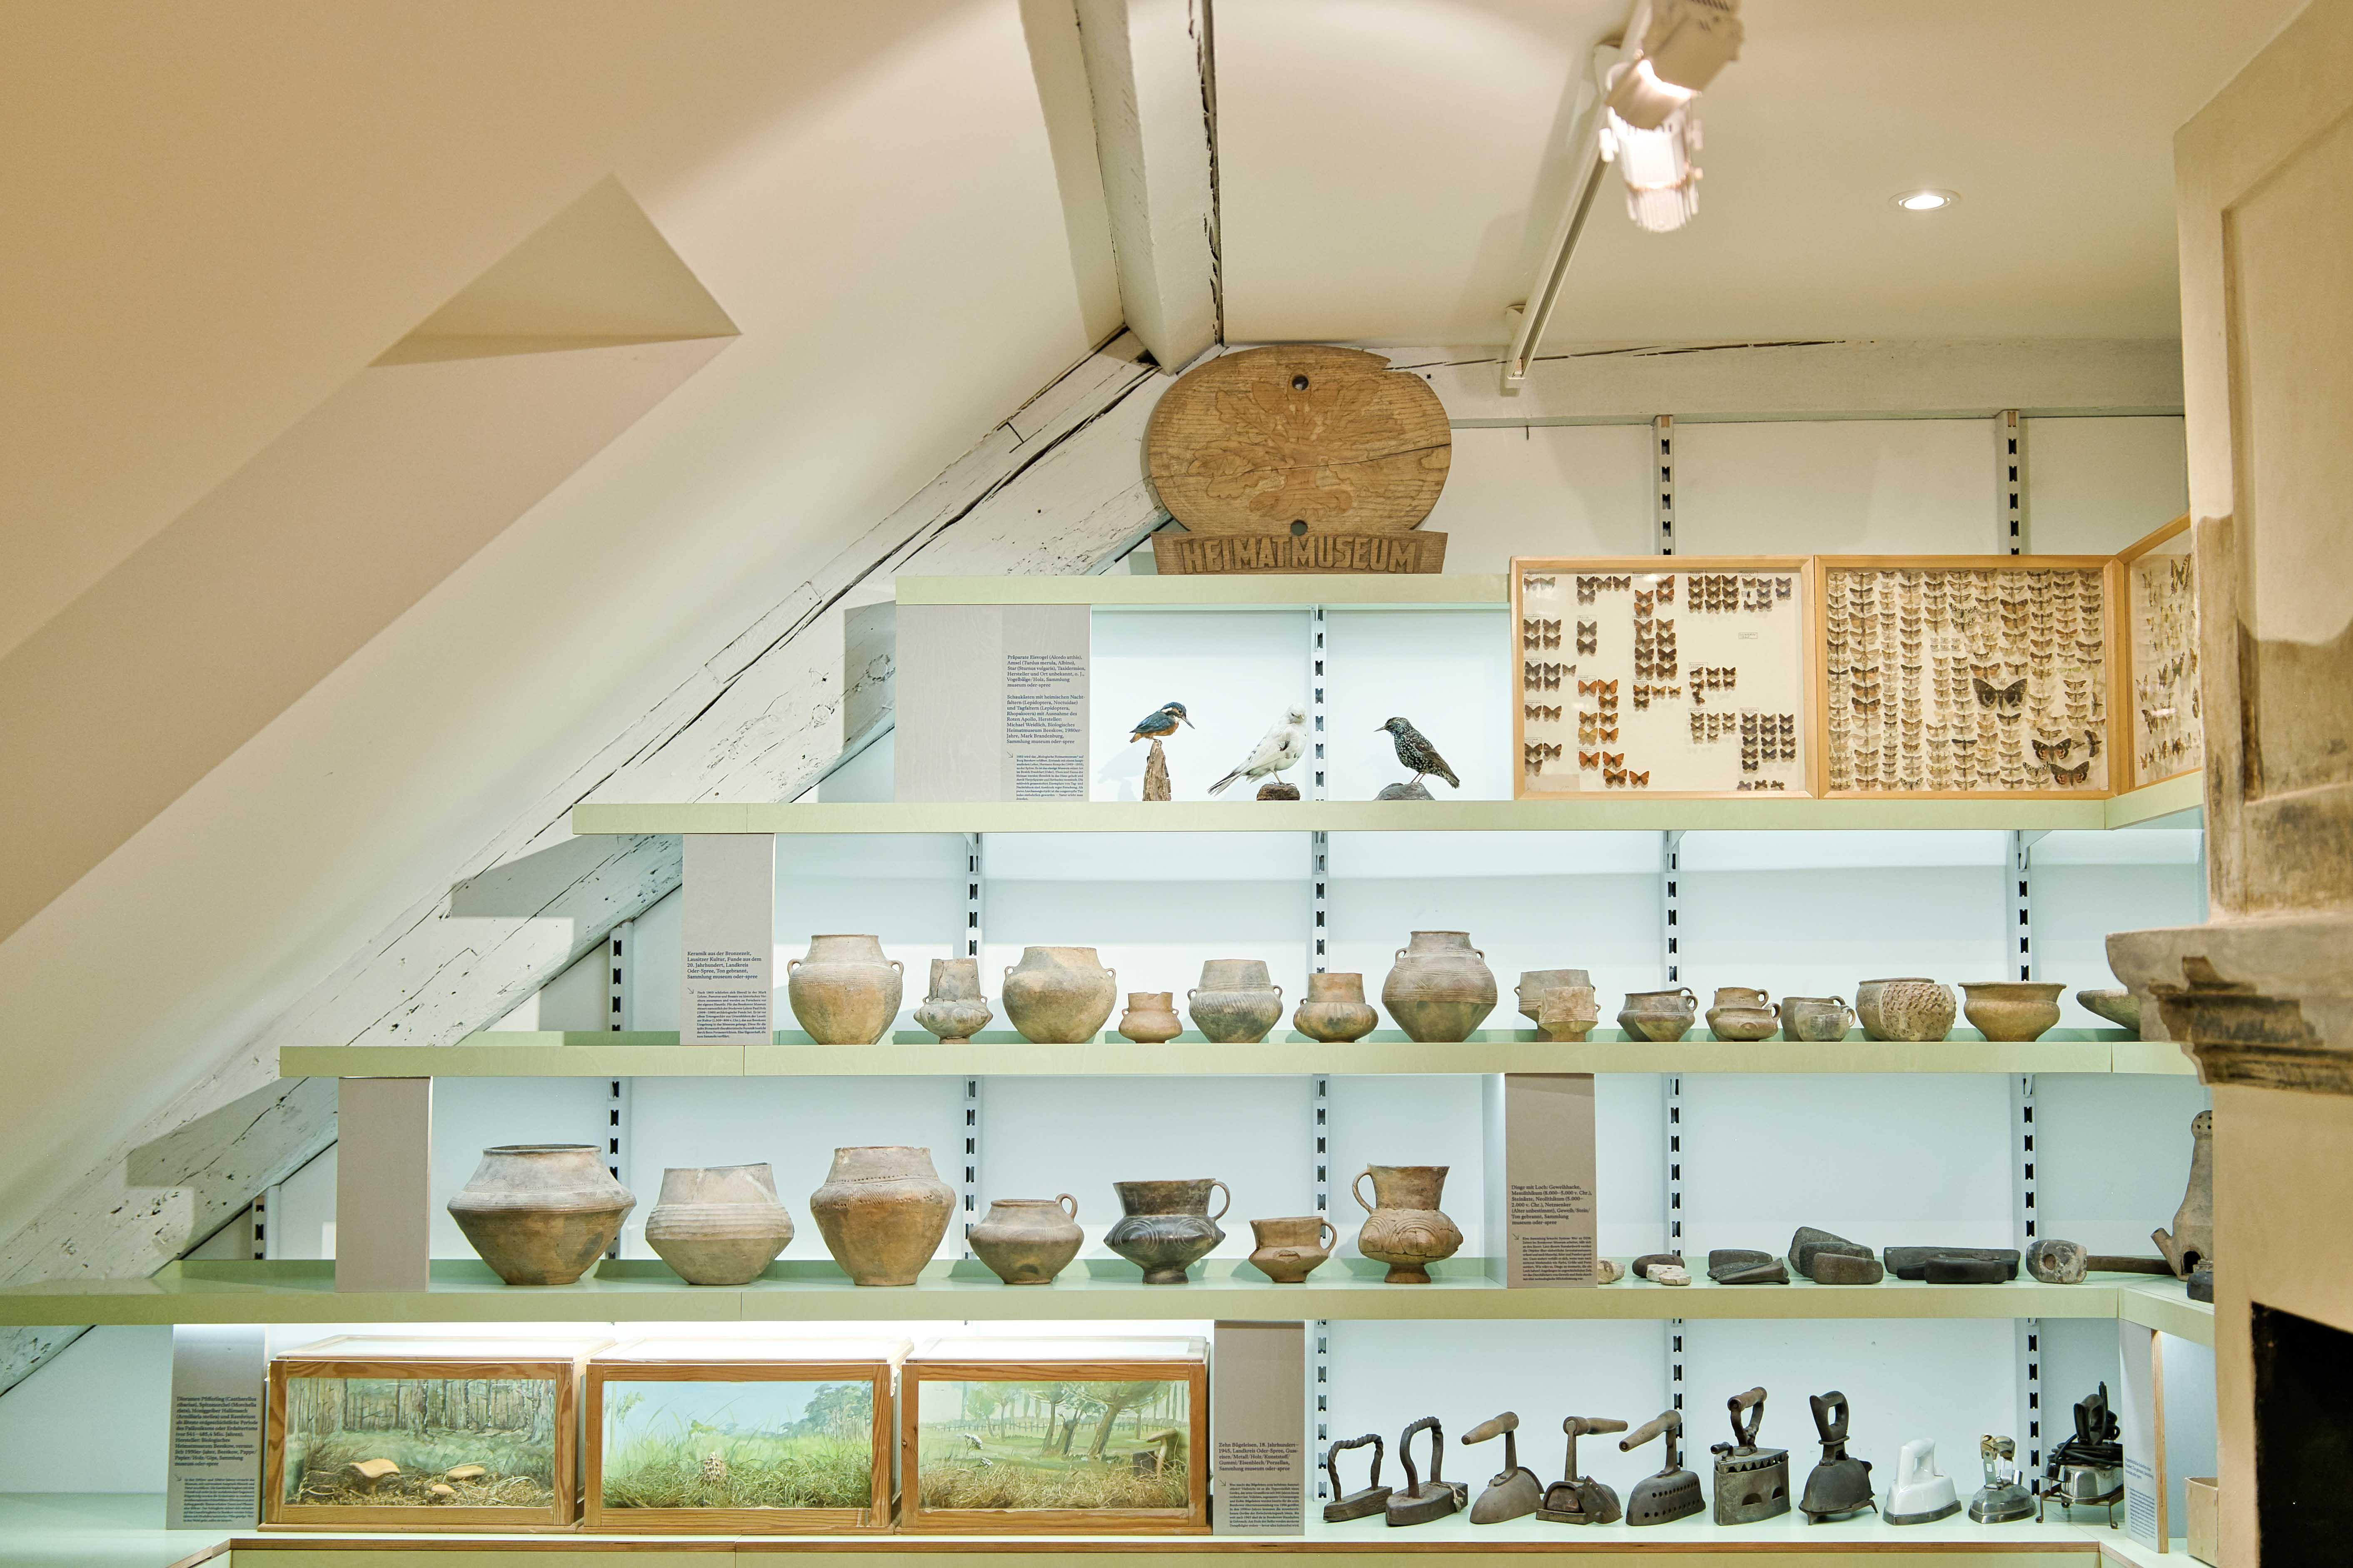 Sammlung des museum oder-spree